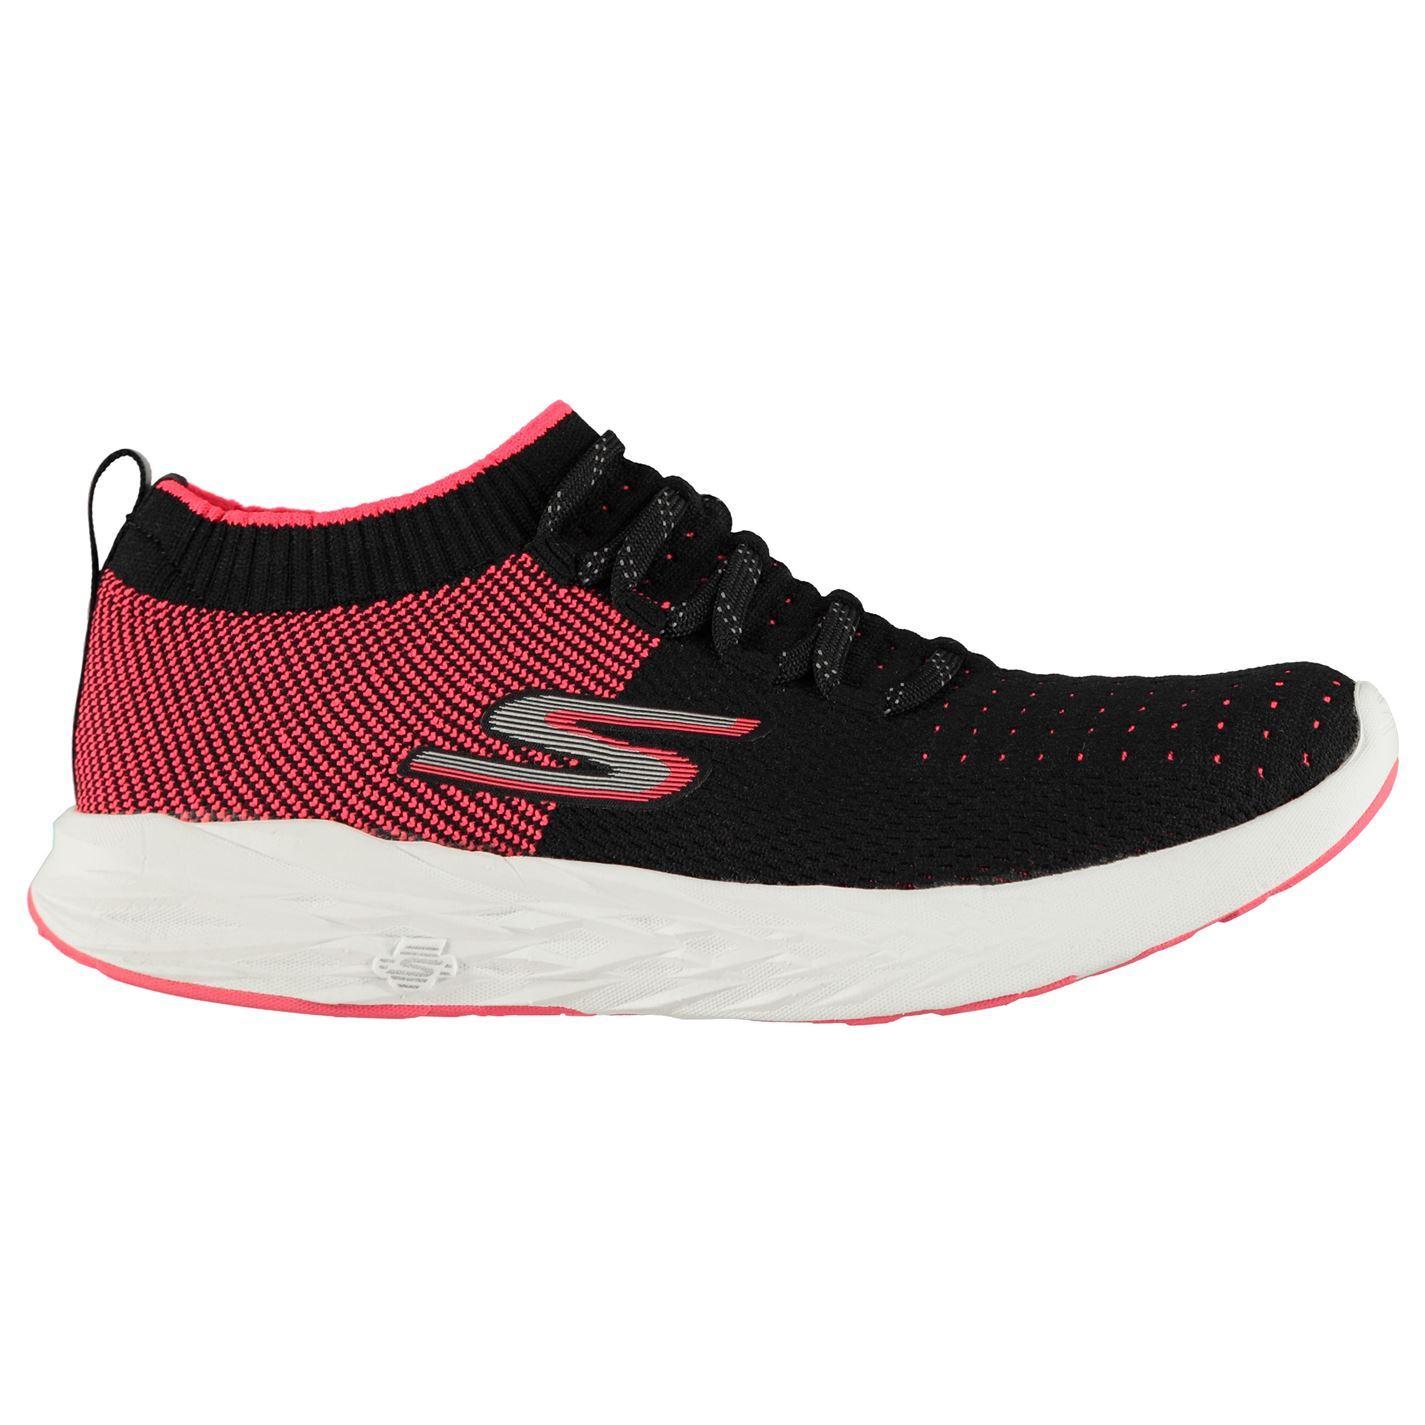 Skechers Performance Go Run 6 Scarpe Sportive Indoor Donna amazon shoes grigio Da corsa